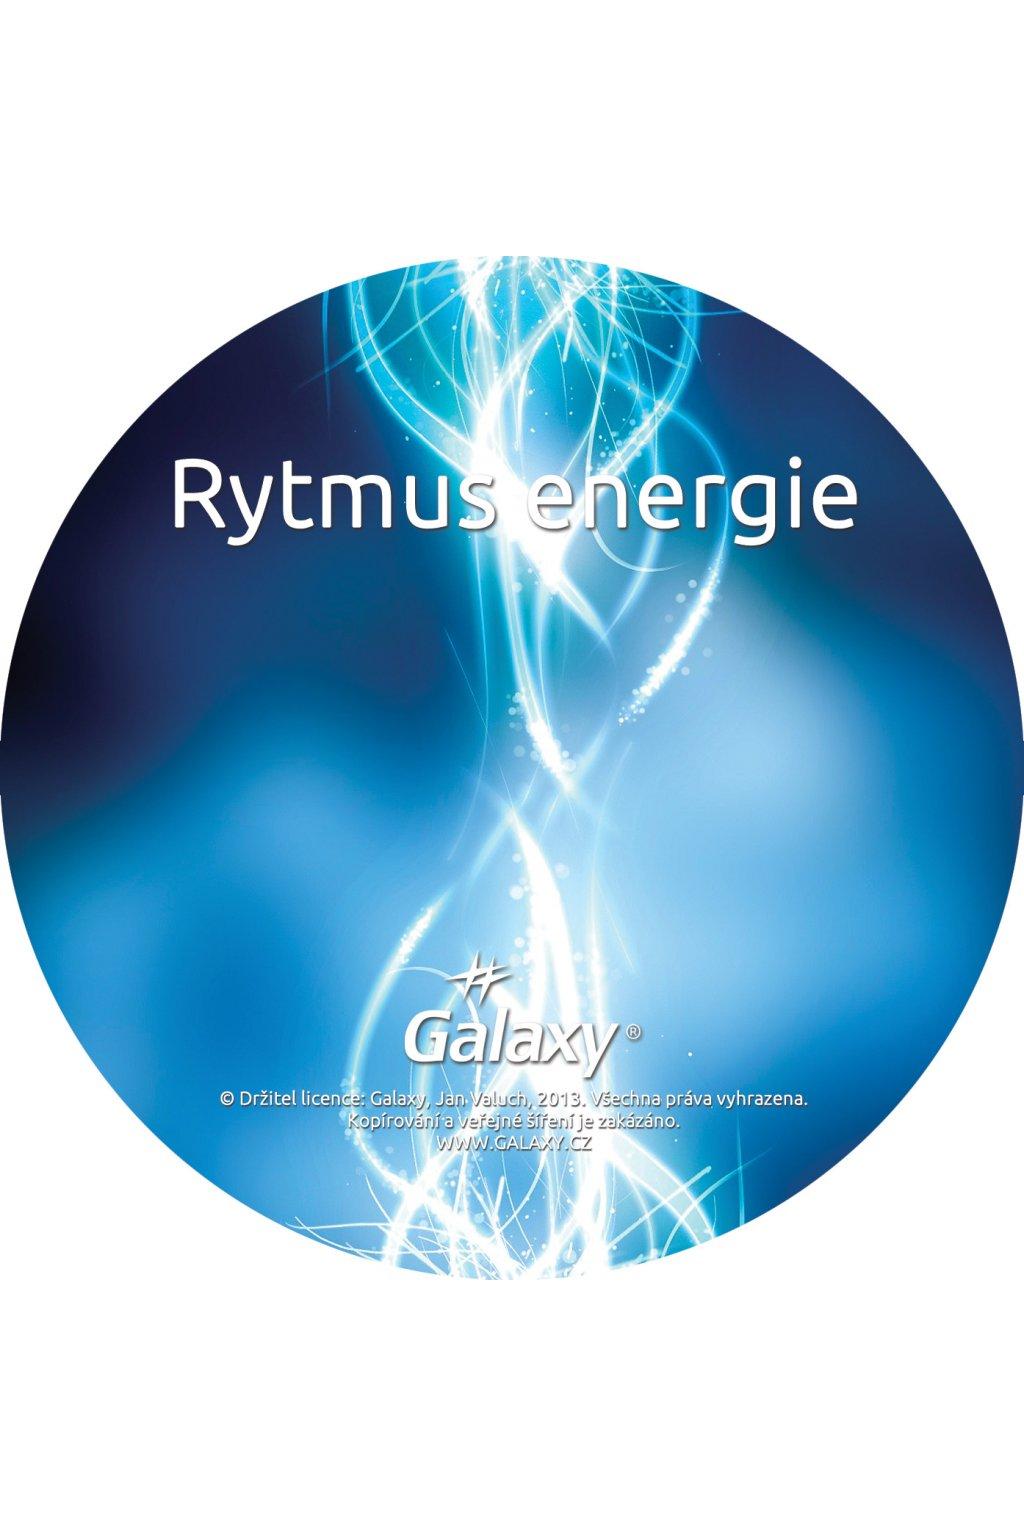 rytmus energie disk